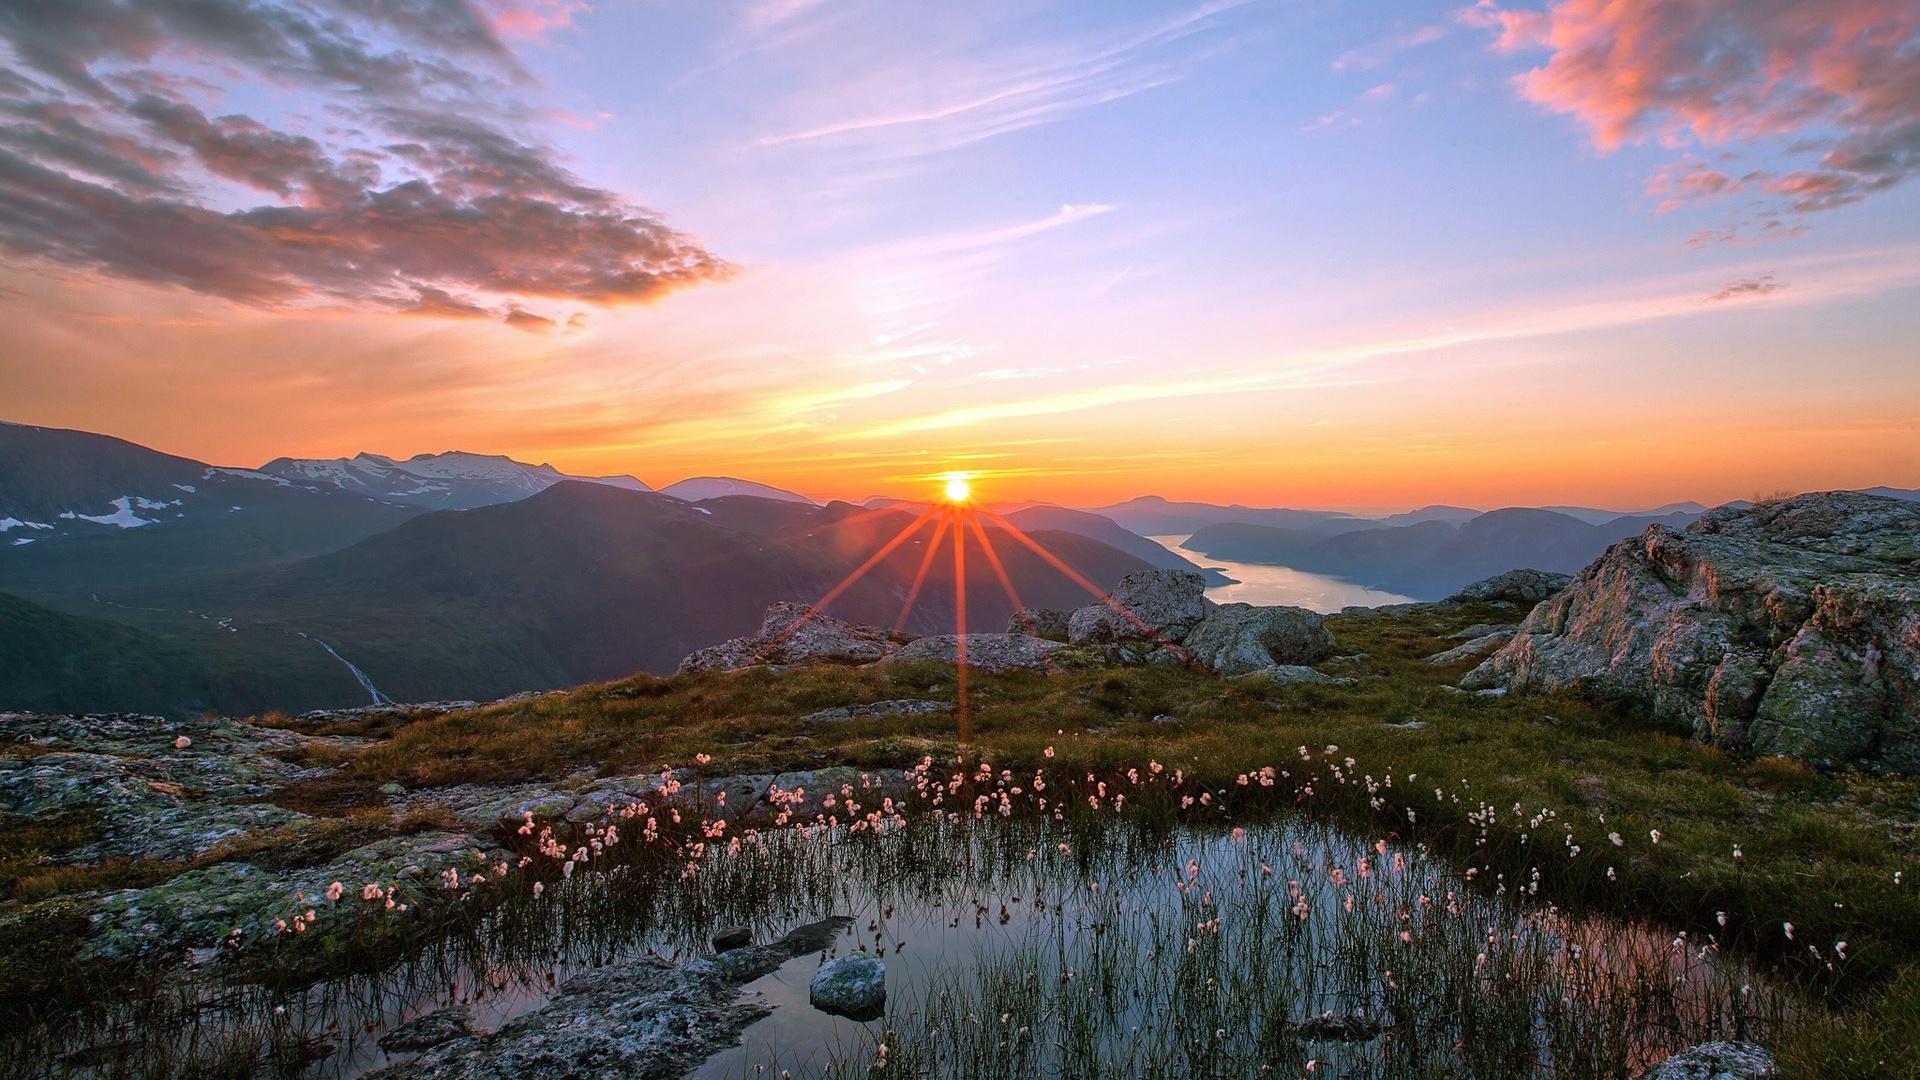 Beautiful-sunrise-over-mountain